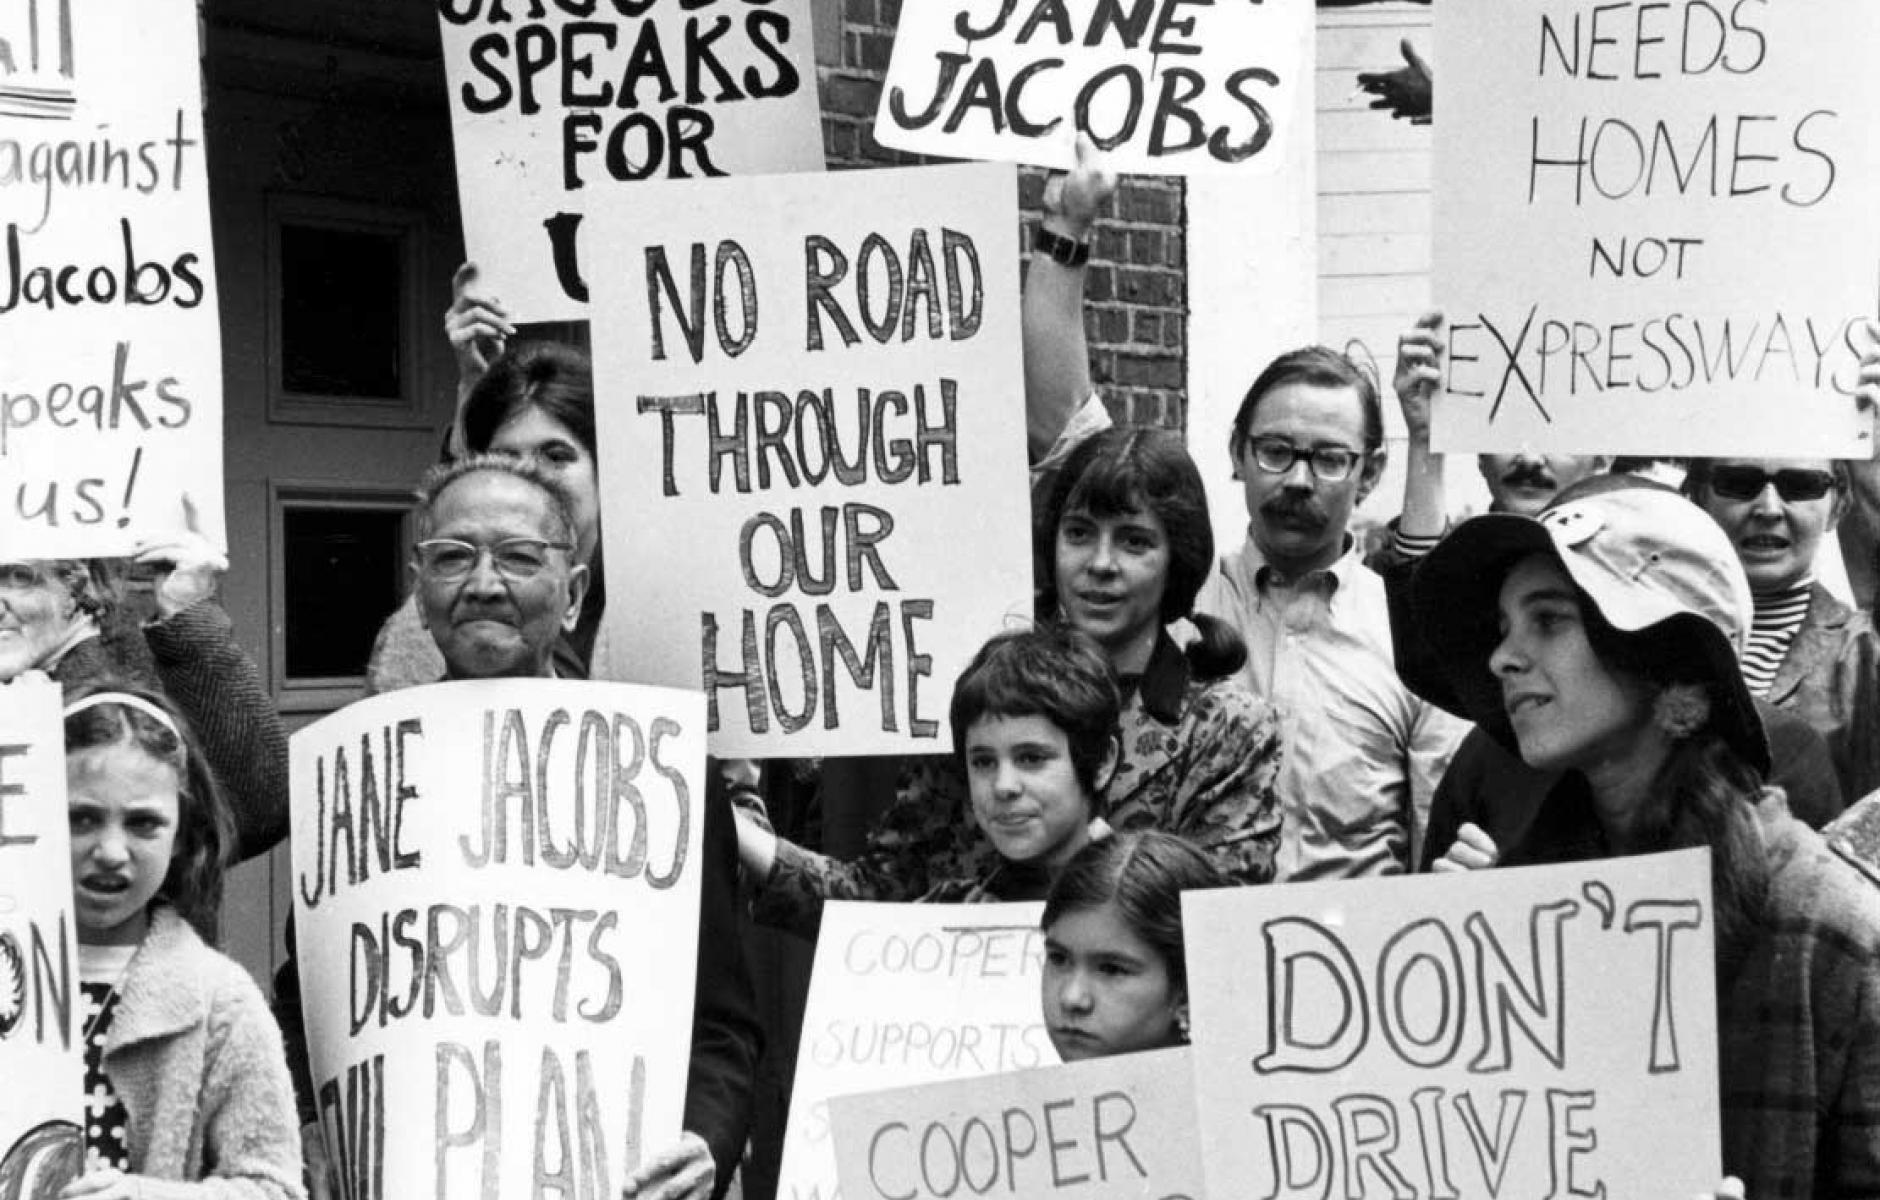 Những cuộc biểu tình do Jane Jacobs truyền cảm hứng, phản đối bất cập trong chính sách quy hoạch đô thị. Ảnh: Wikimedia Commons.